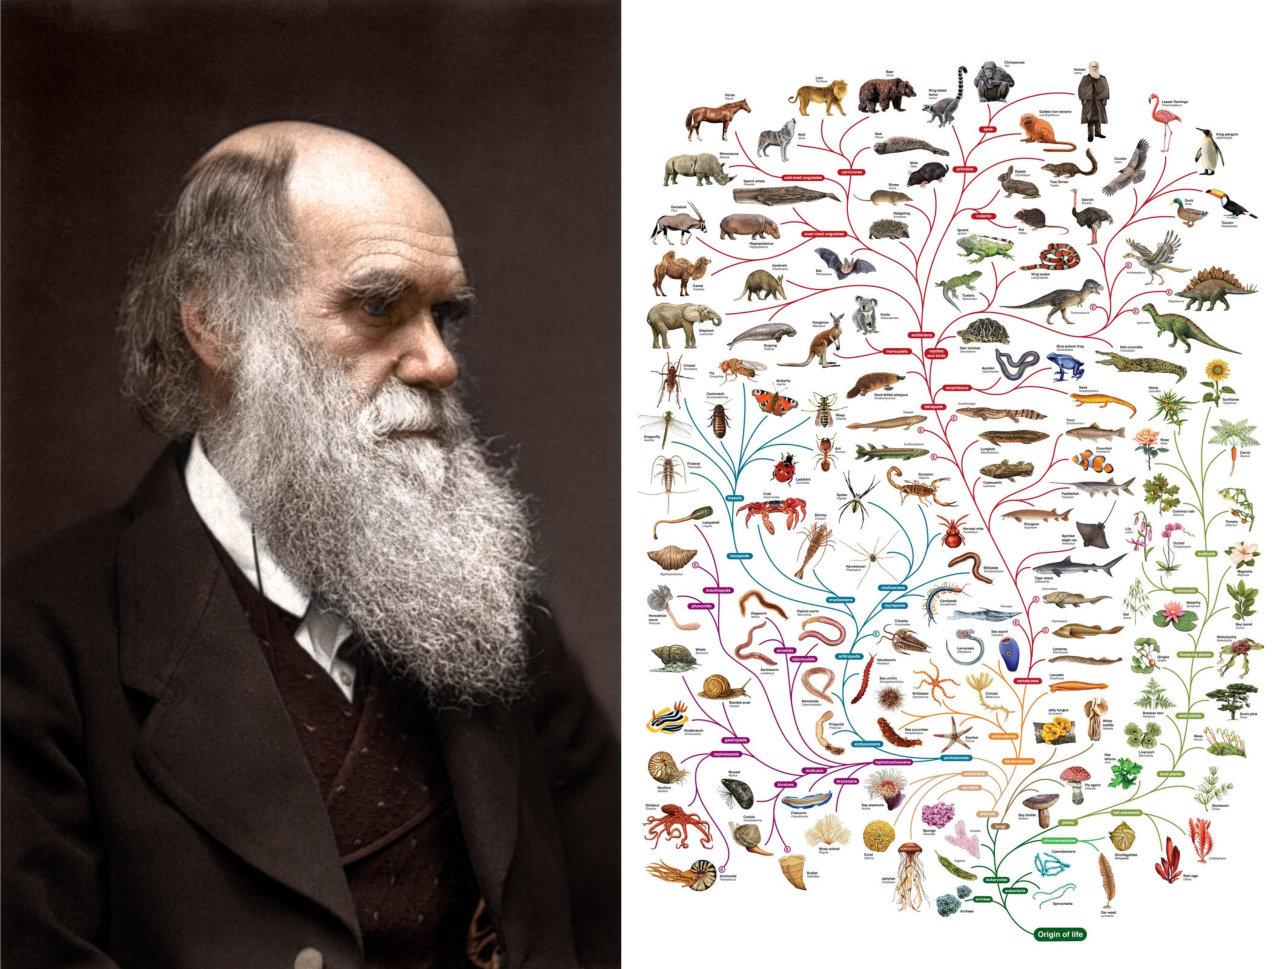 drawin and evolution